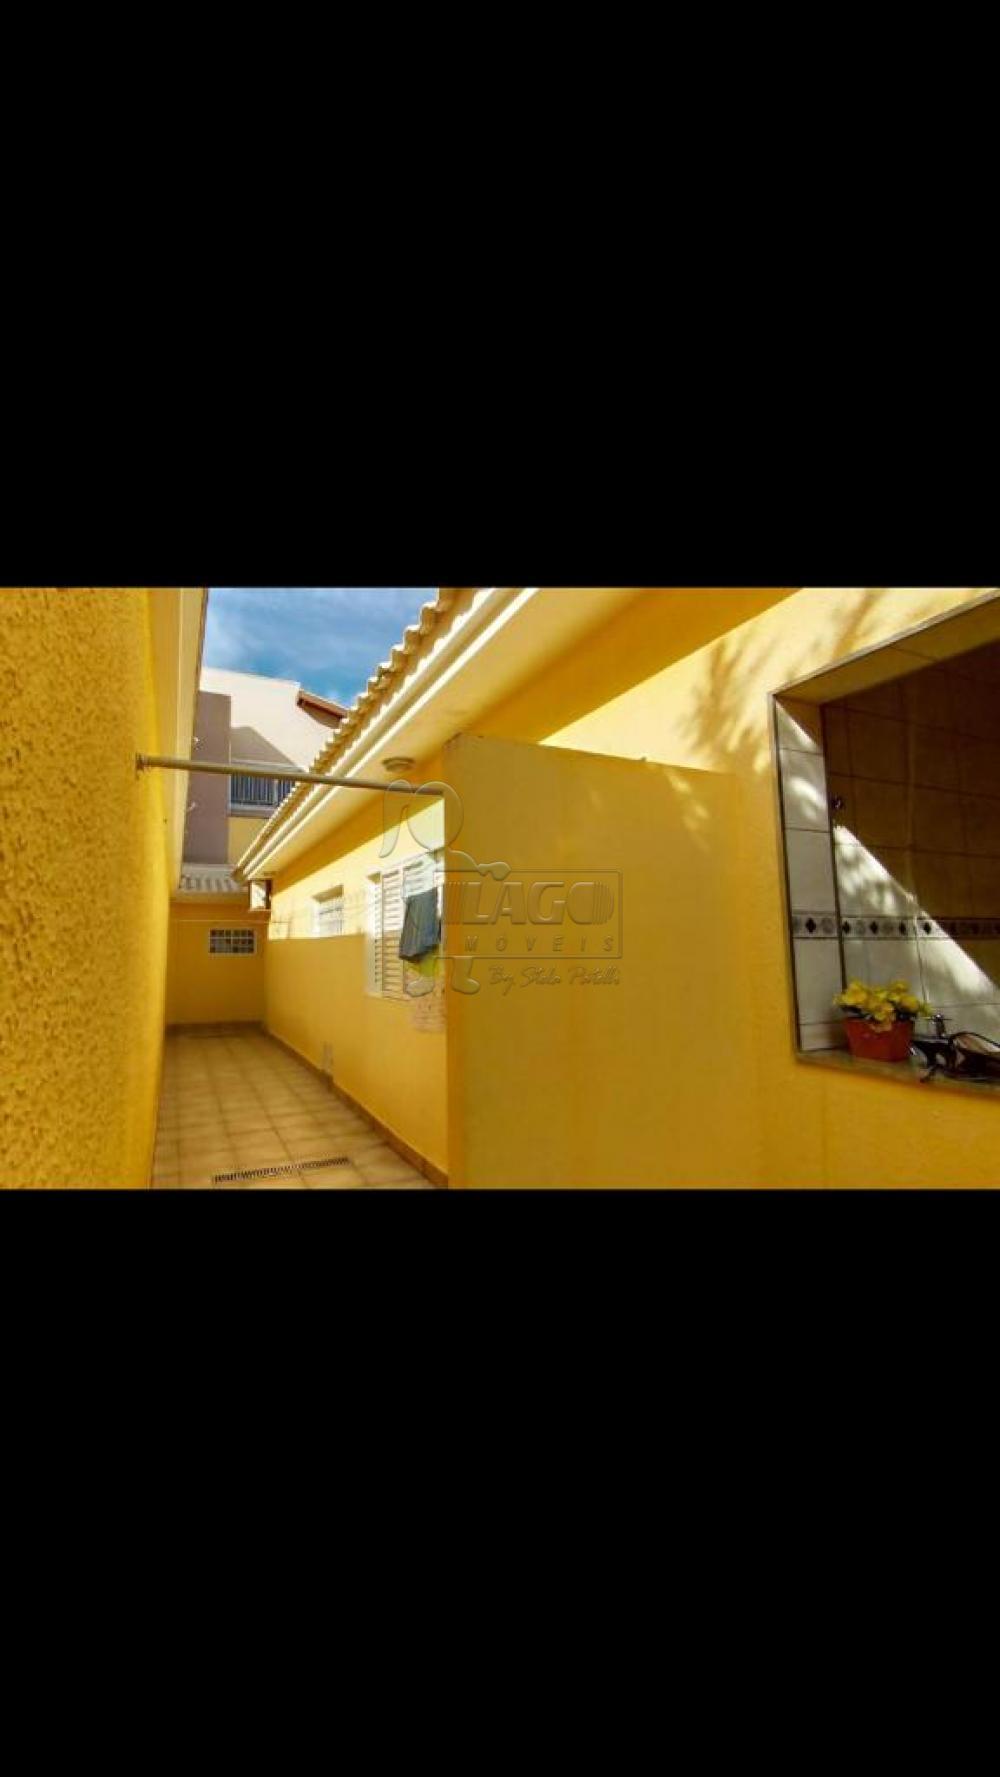 Comprar Casas / Padrão em Ribeirão Preto apenas R$ 850.000,00 - Foto 10